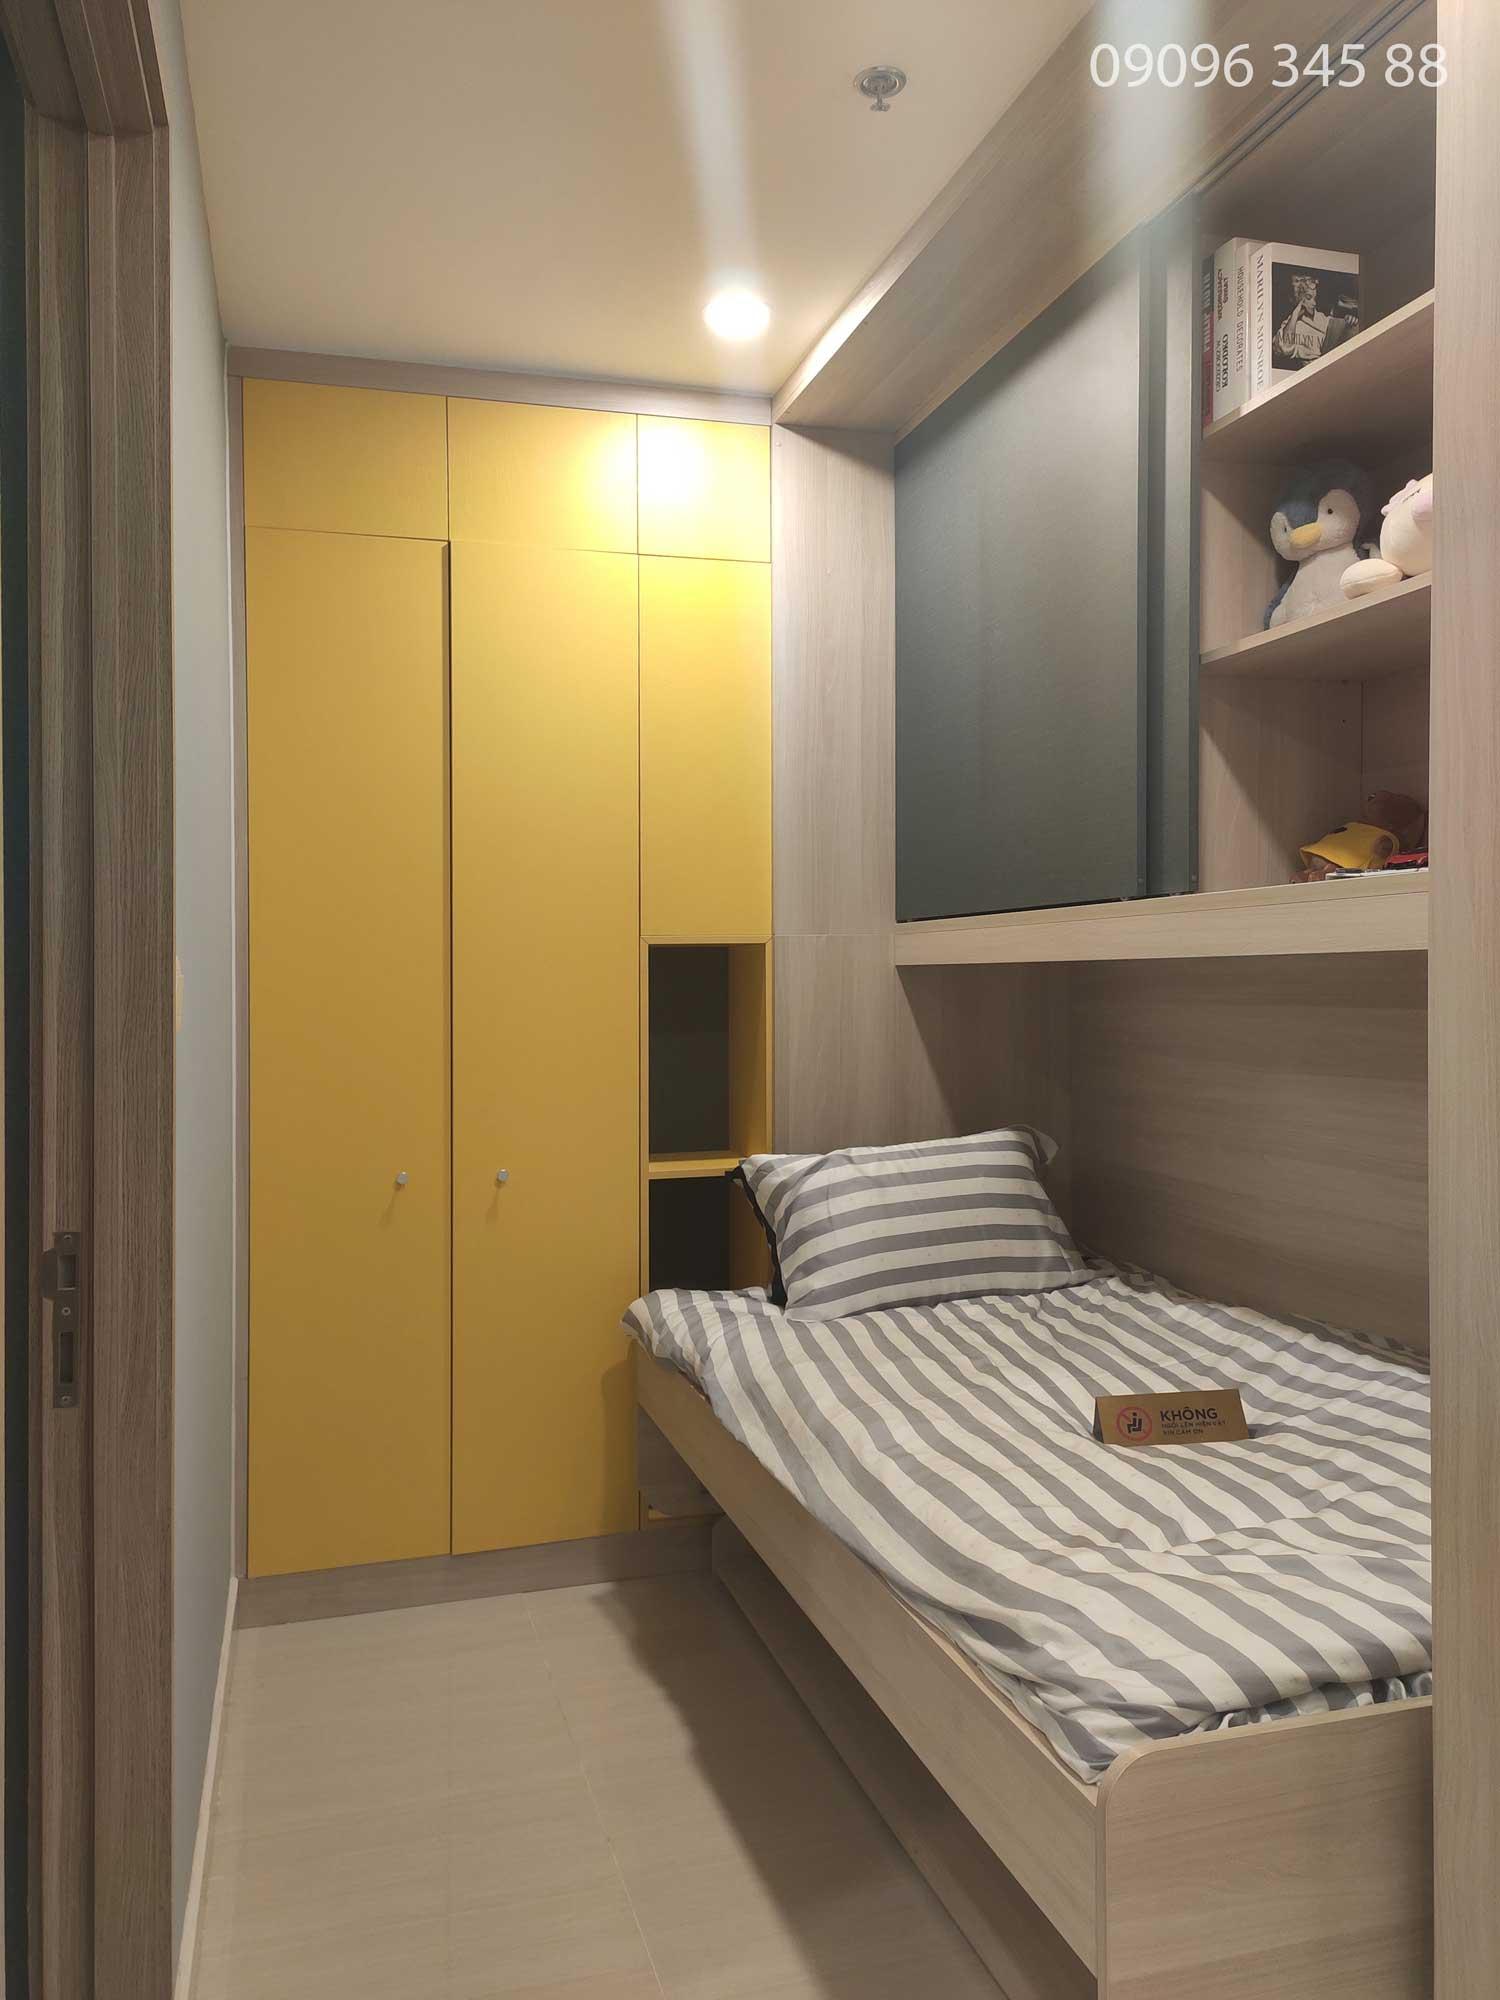 Căn hộ 1 phòng ngủ Vinhomes Ocean Park